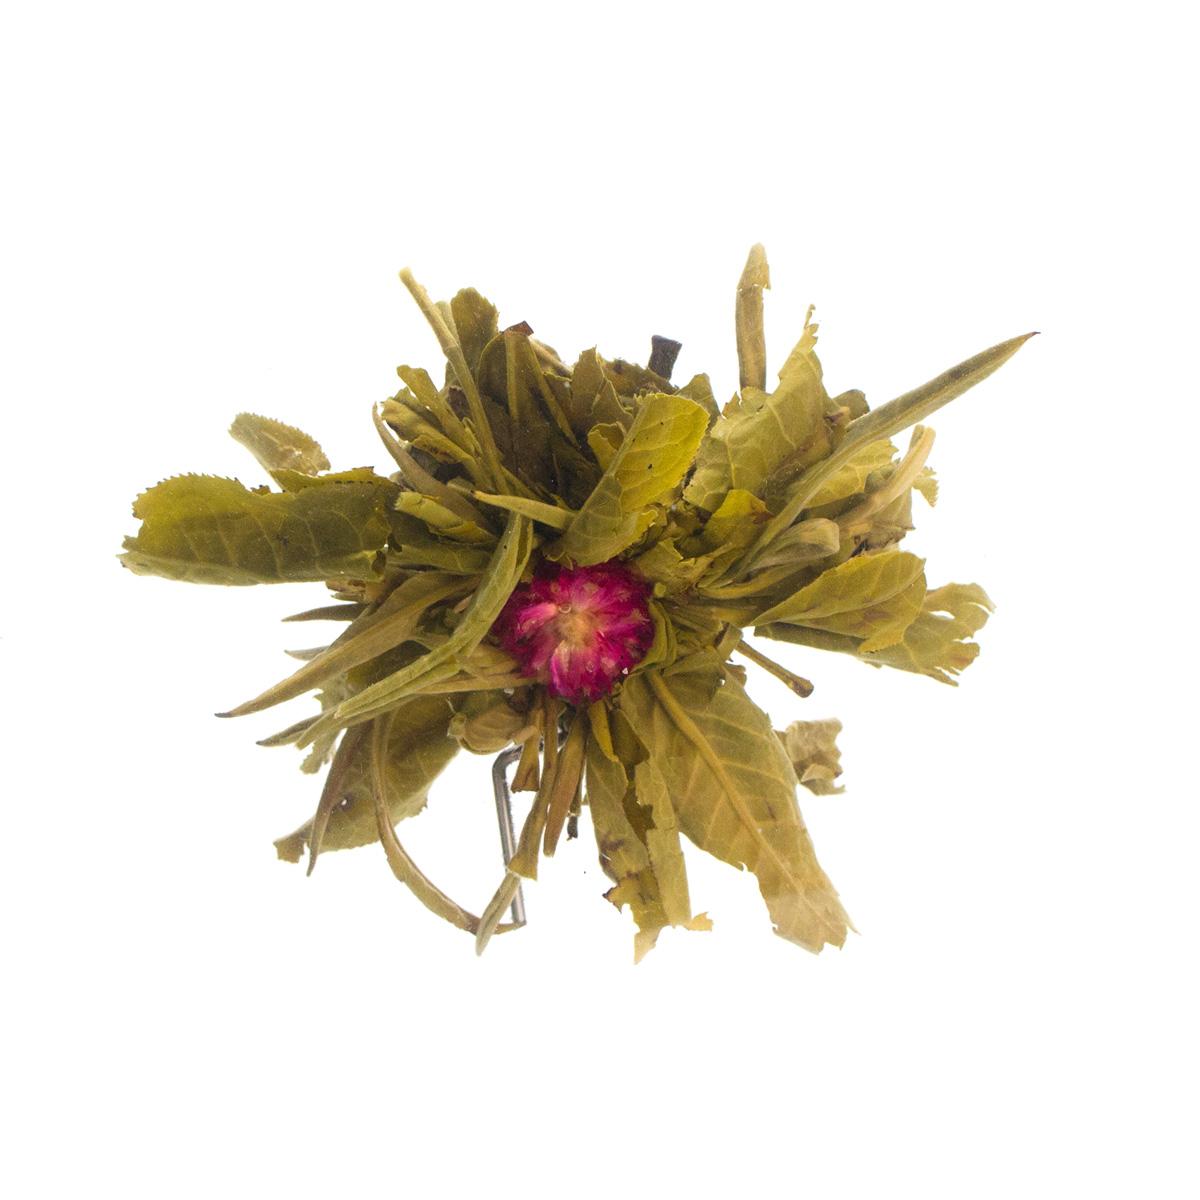 Связанный чай Юй Лун Тао (Нефритовый персик дракона), в уп. 5 шт.